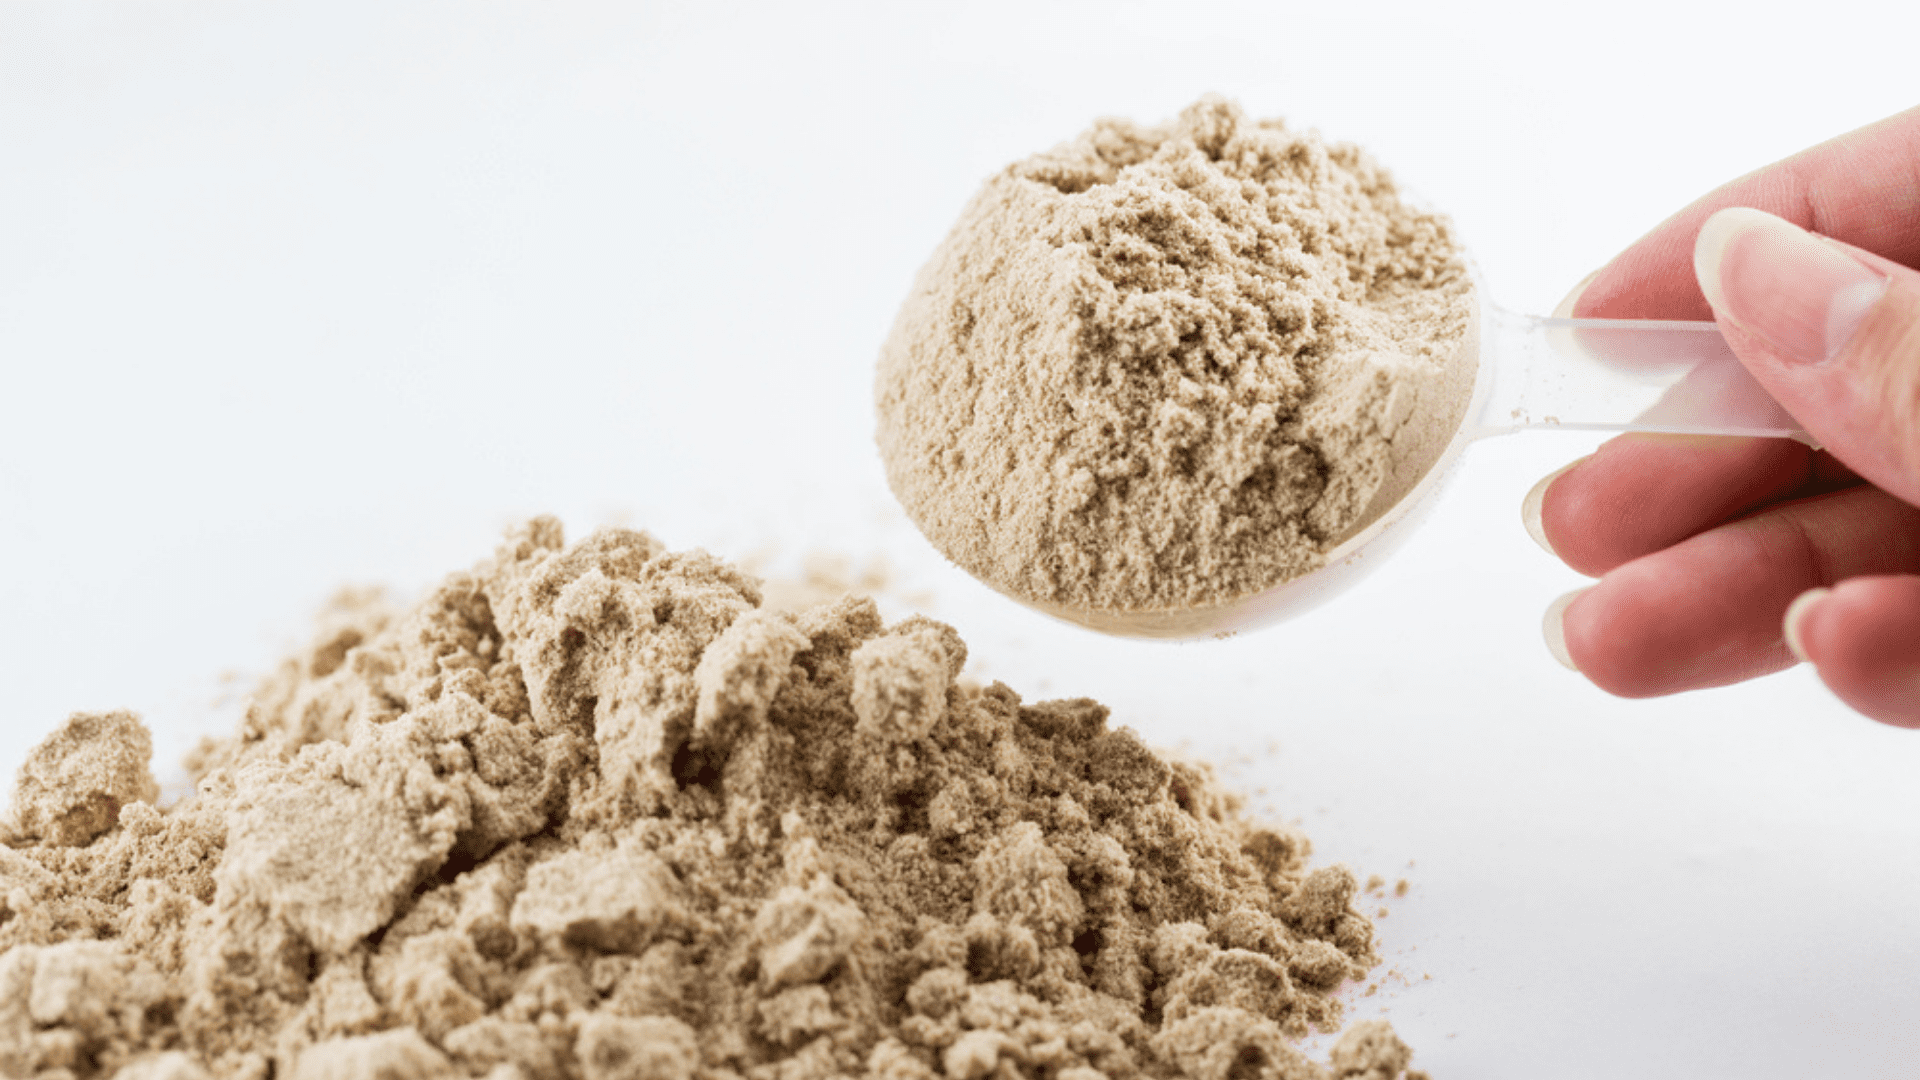 O Whey Protein isolado também ajuda a recuperar os tecidos lesionados e a melhorar o desempenho físico (Imagem: Reprodução/Shutterstock)